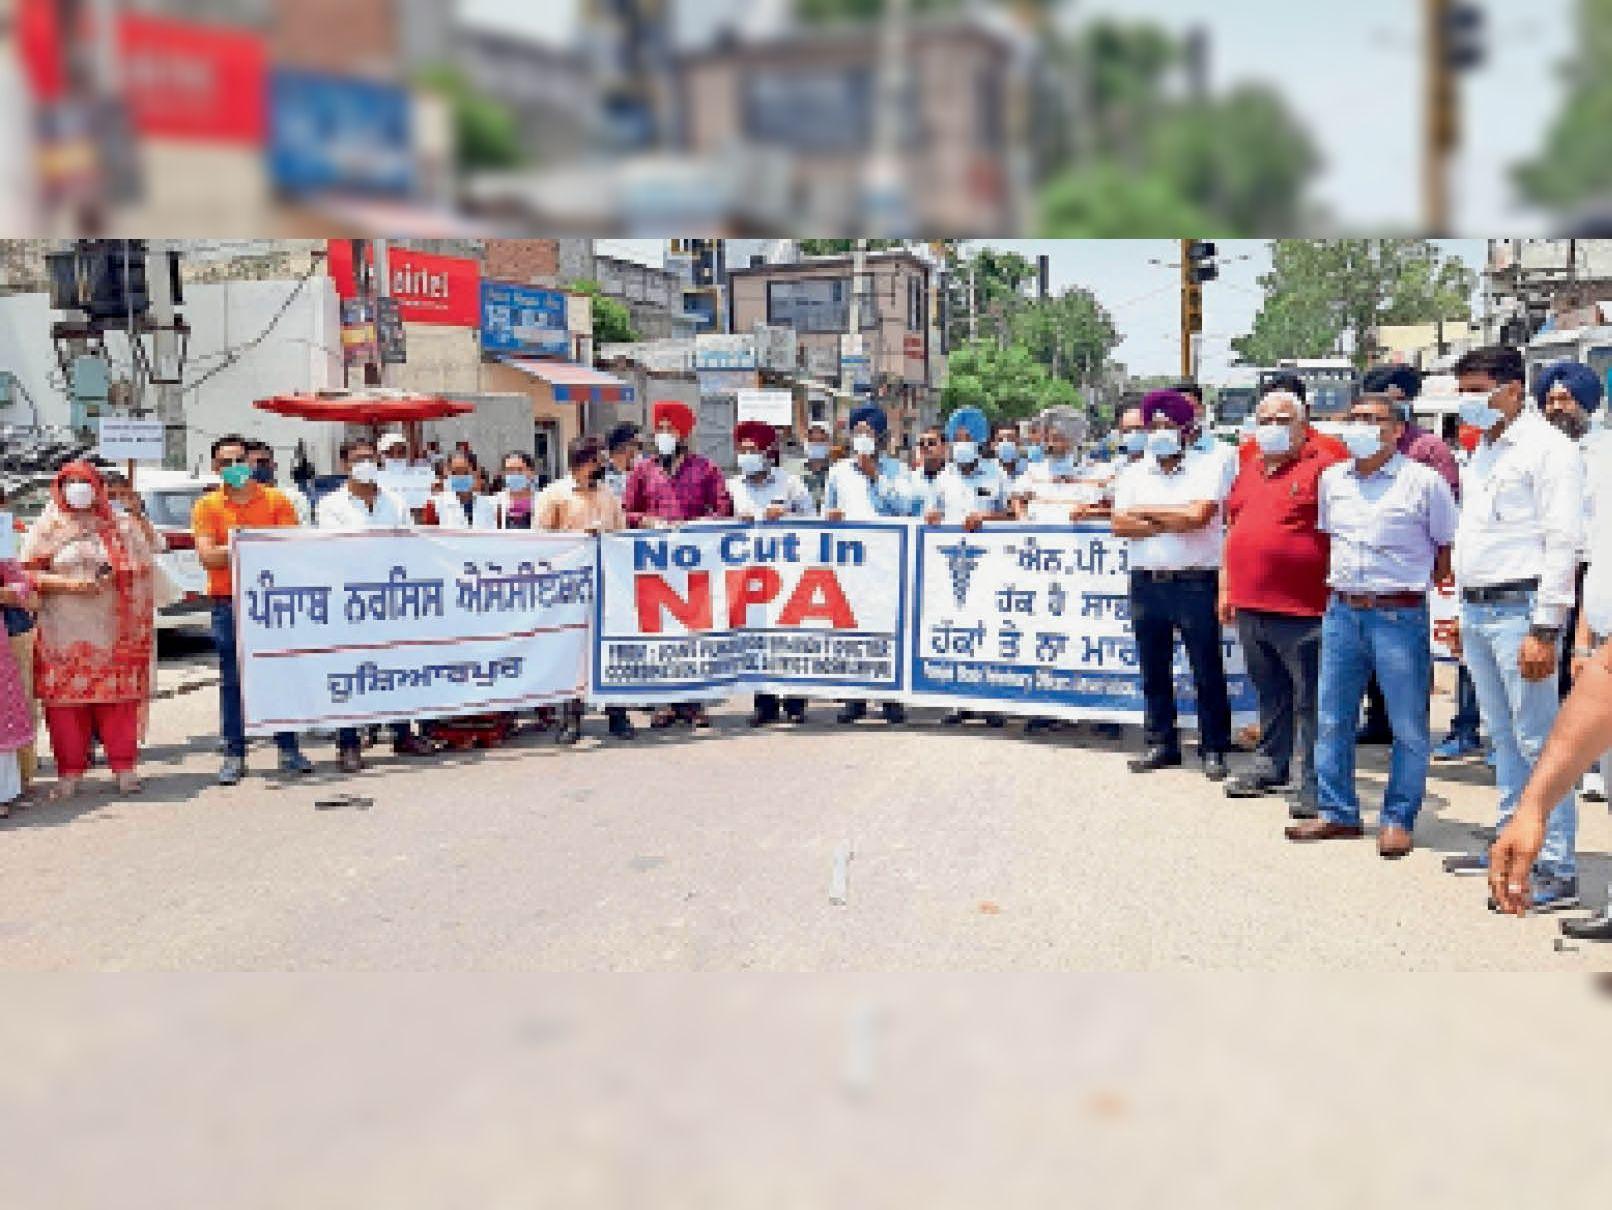 एनपीए में कटौती के खिलाफ महाराणा प्रताप चौक में ट्रैफिक जाम कर सरकार के खिलाफ नारेबाजी करते डॉक्टर्स व मेडिकल स्टाफ। - Dainik Bhaskar